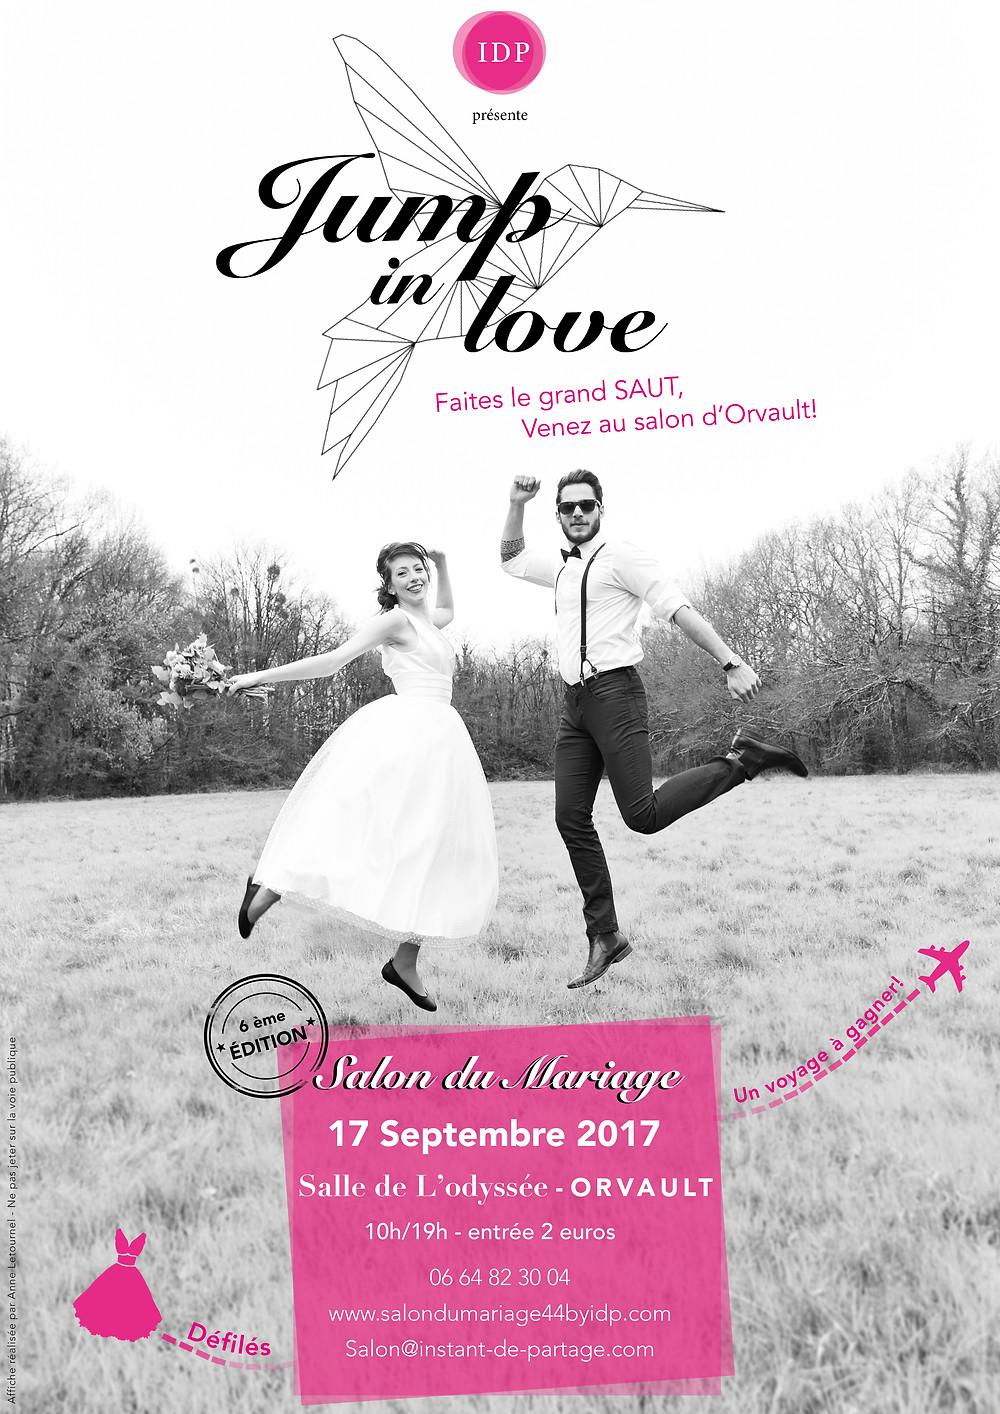 Affiche salon du Mariage Orvault 17 Septembre 2017